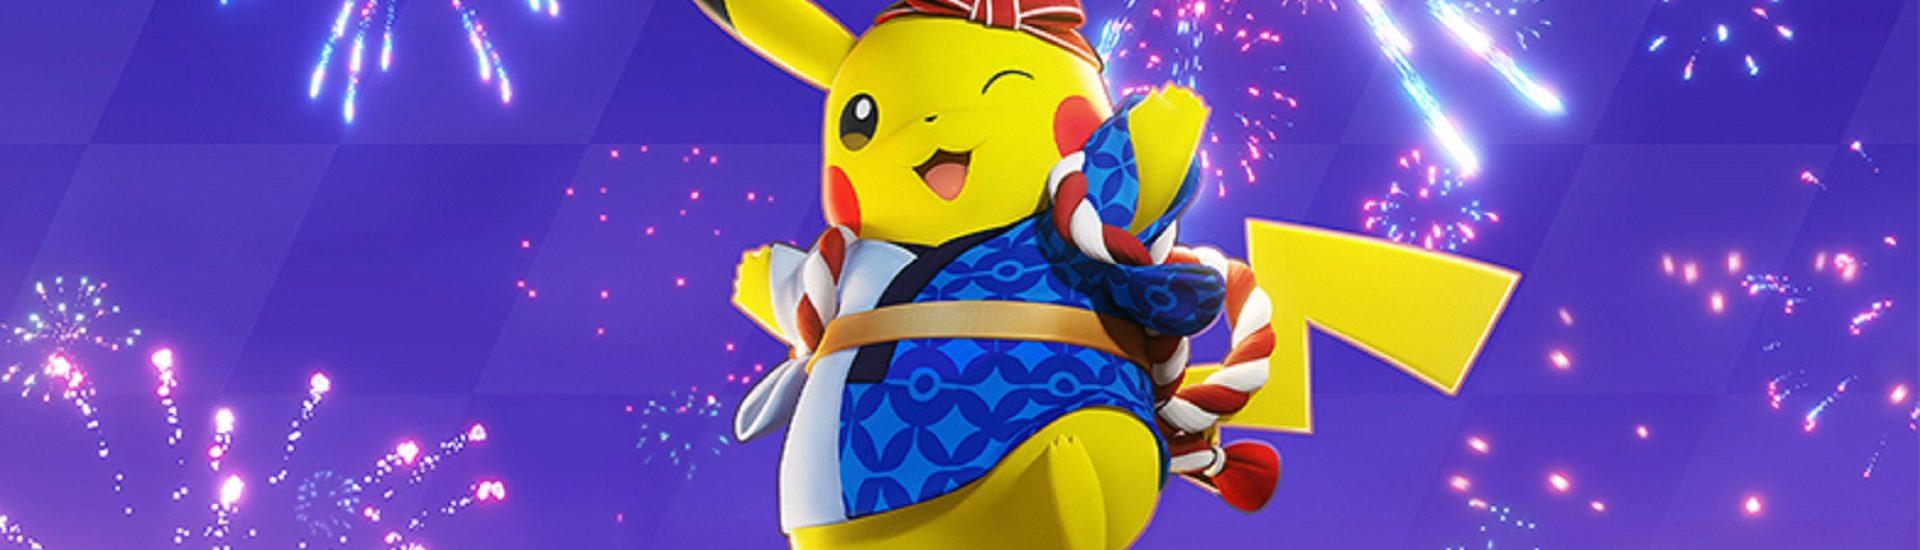 Pokémon Unite: Release für Mobile und deutsche Sprachausgabe verfügbar